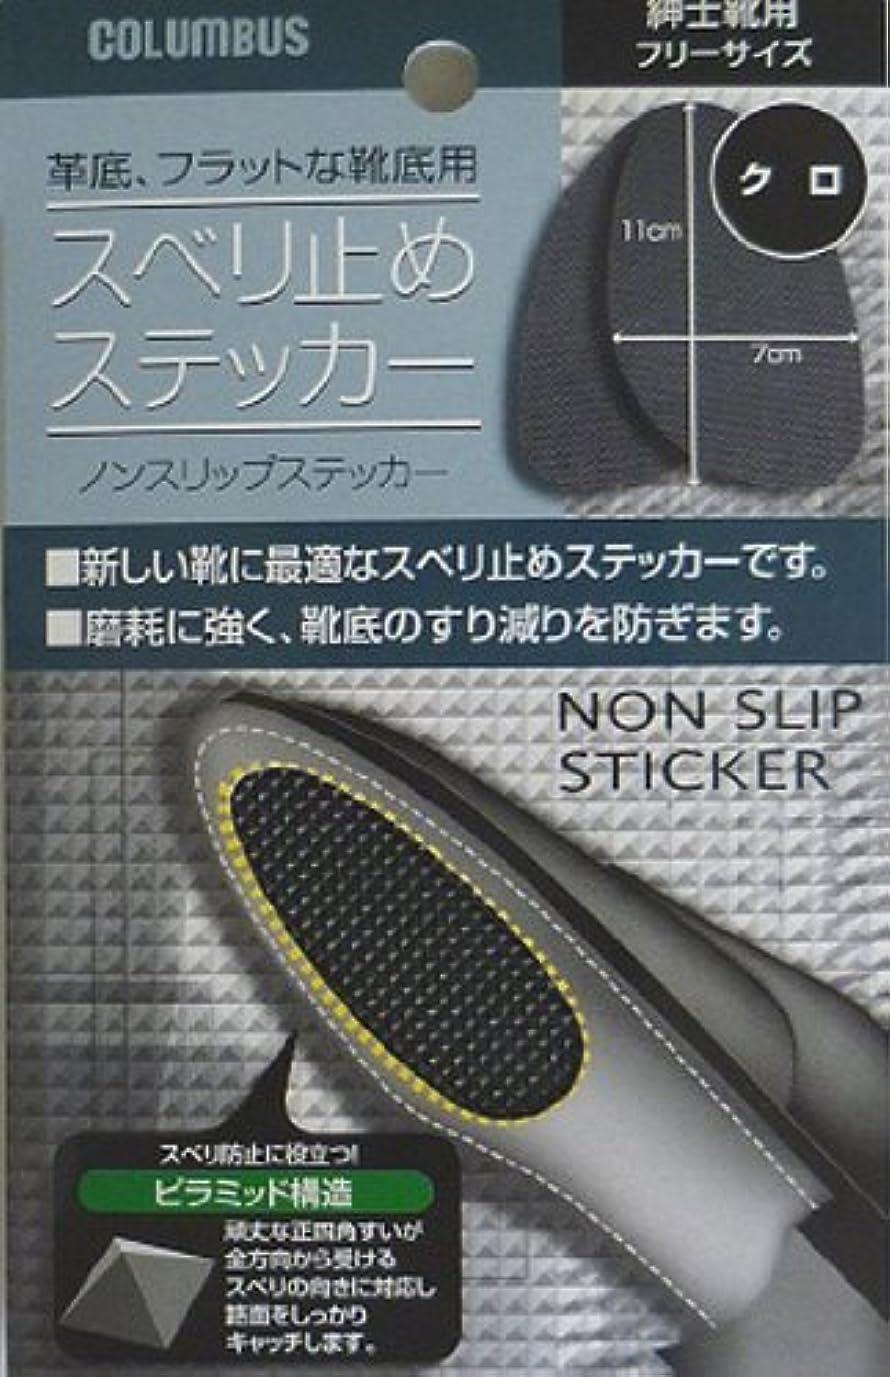 方程式素晴らしさ長いですノンスリップステッカー 紳士靴用 フリーサイズ ブラック